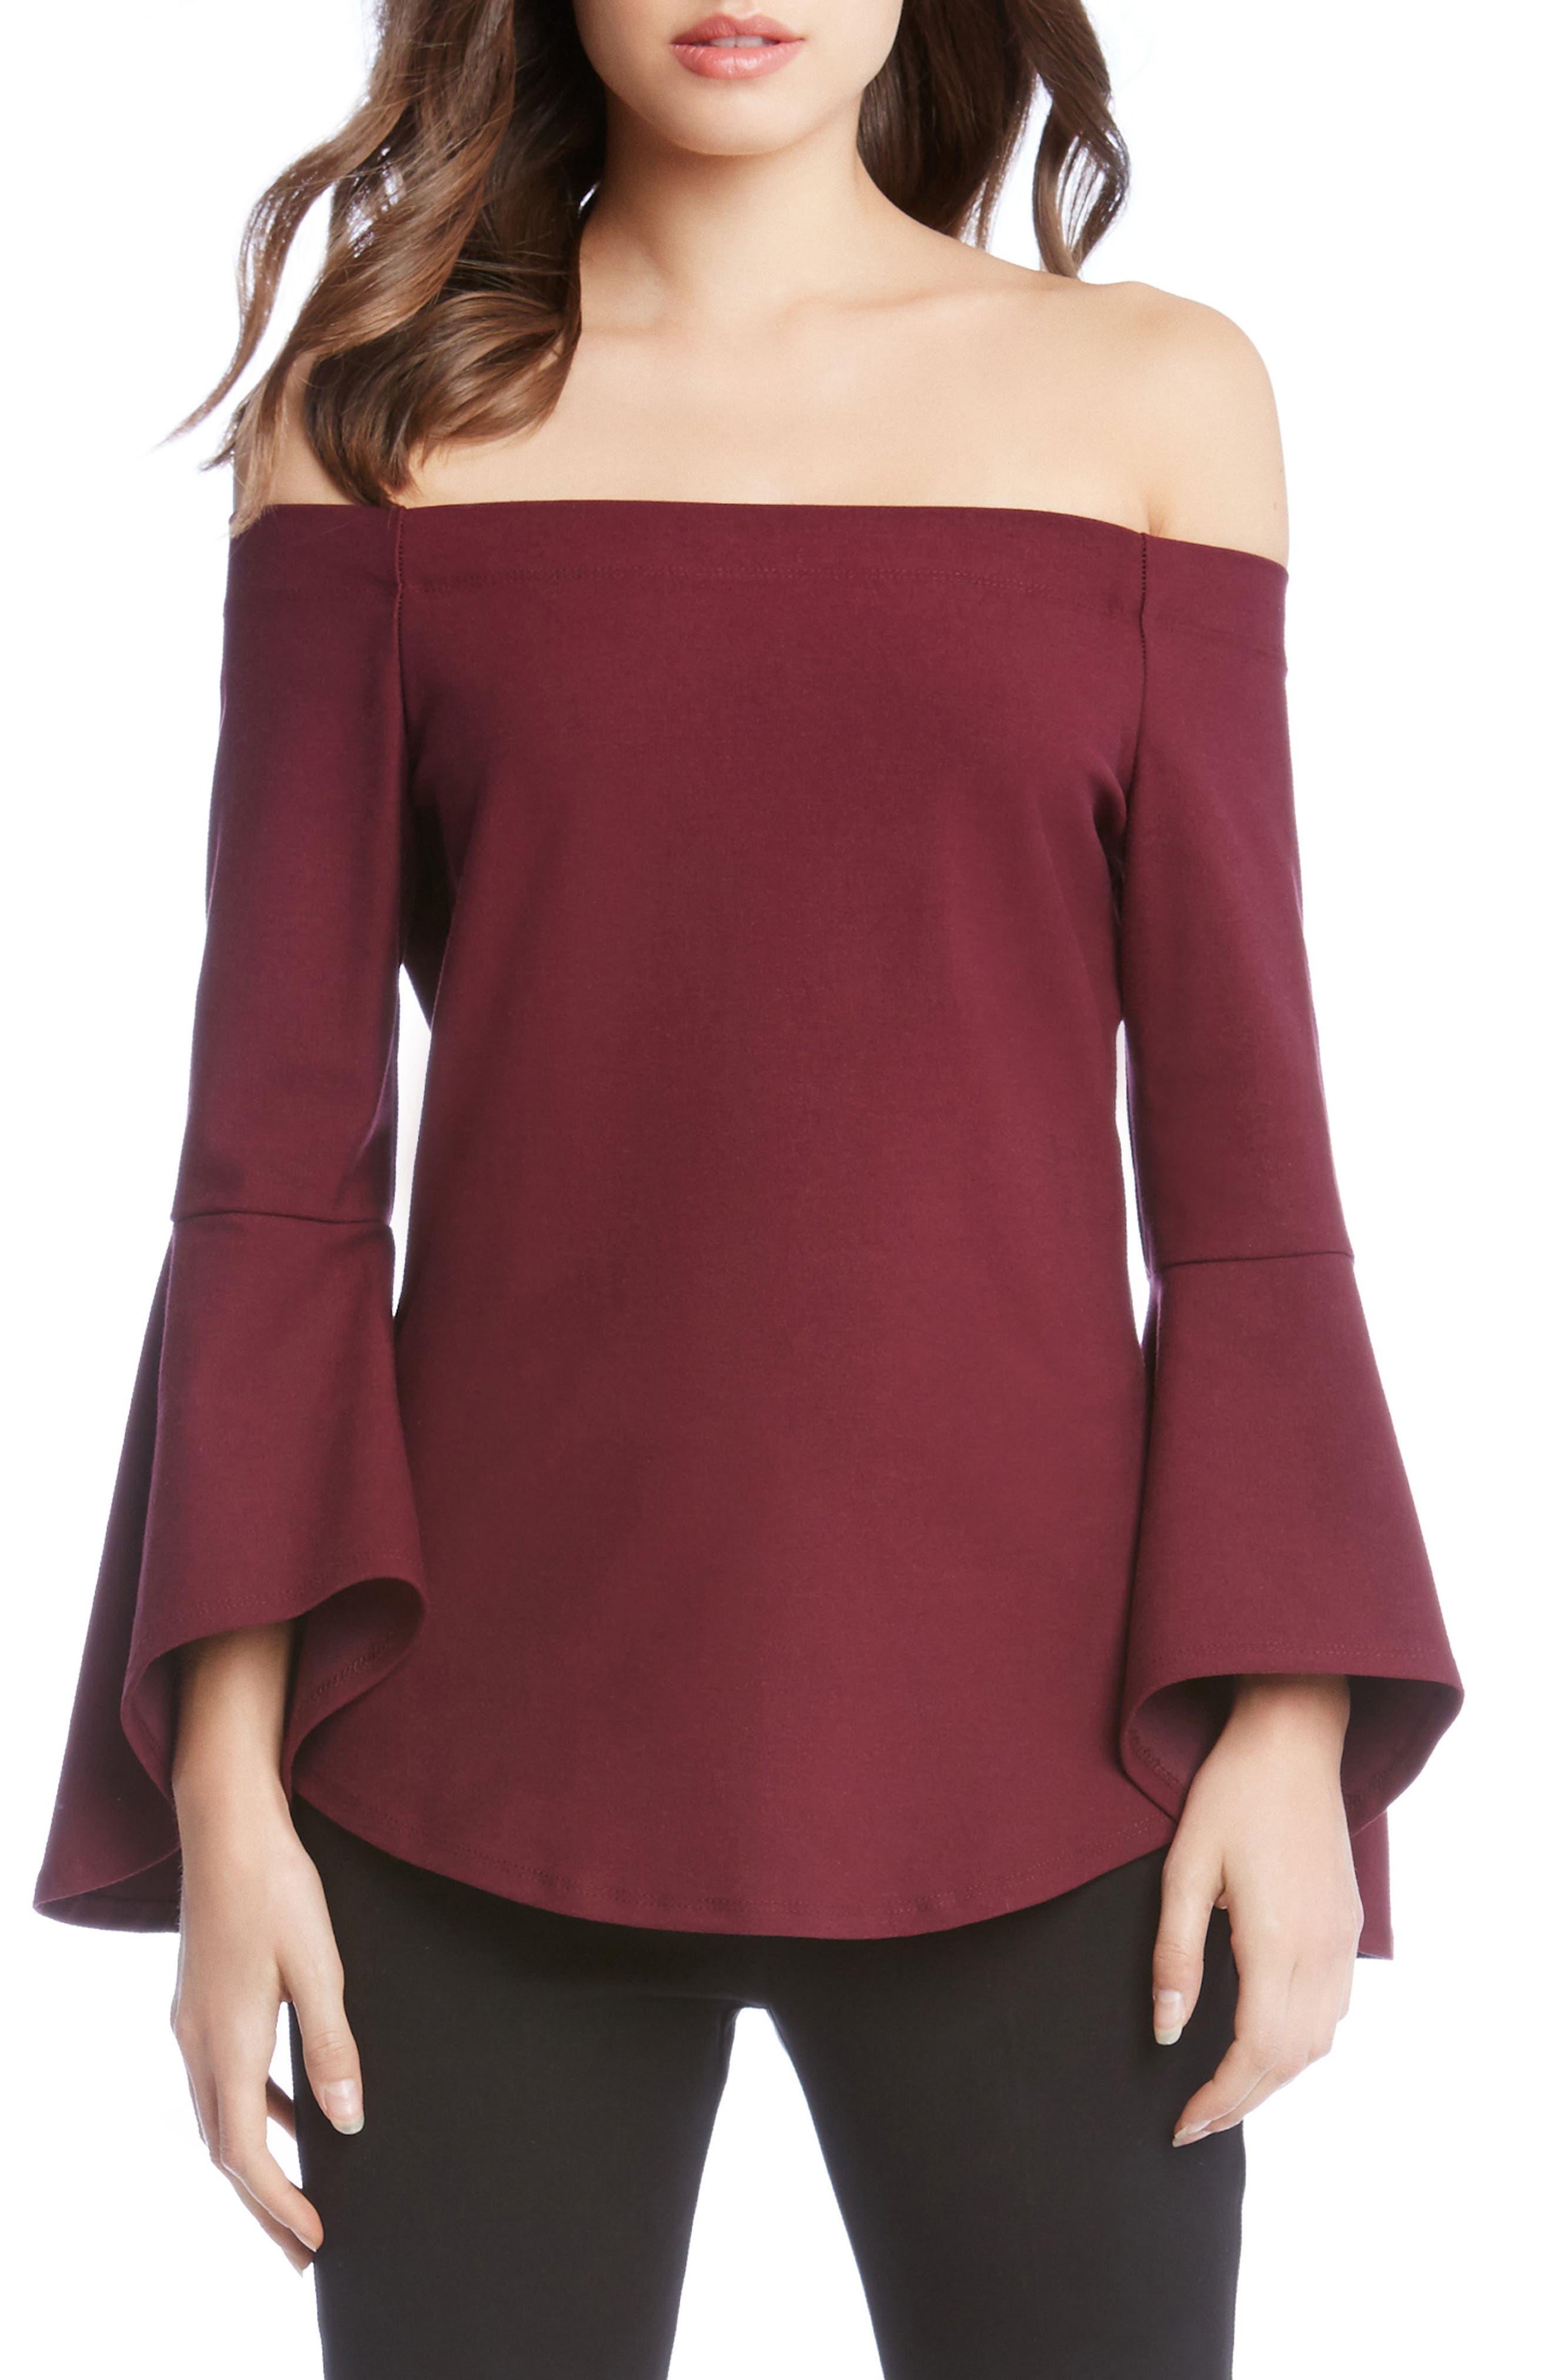 Alternate Image 1 Selected - Karen Kane Off the Shoulder Bell Sleeve Top